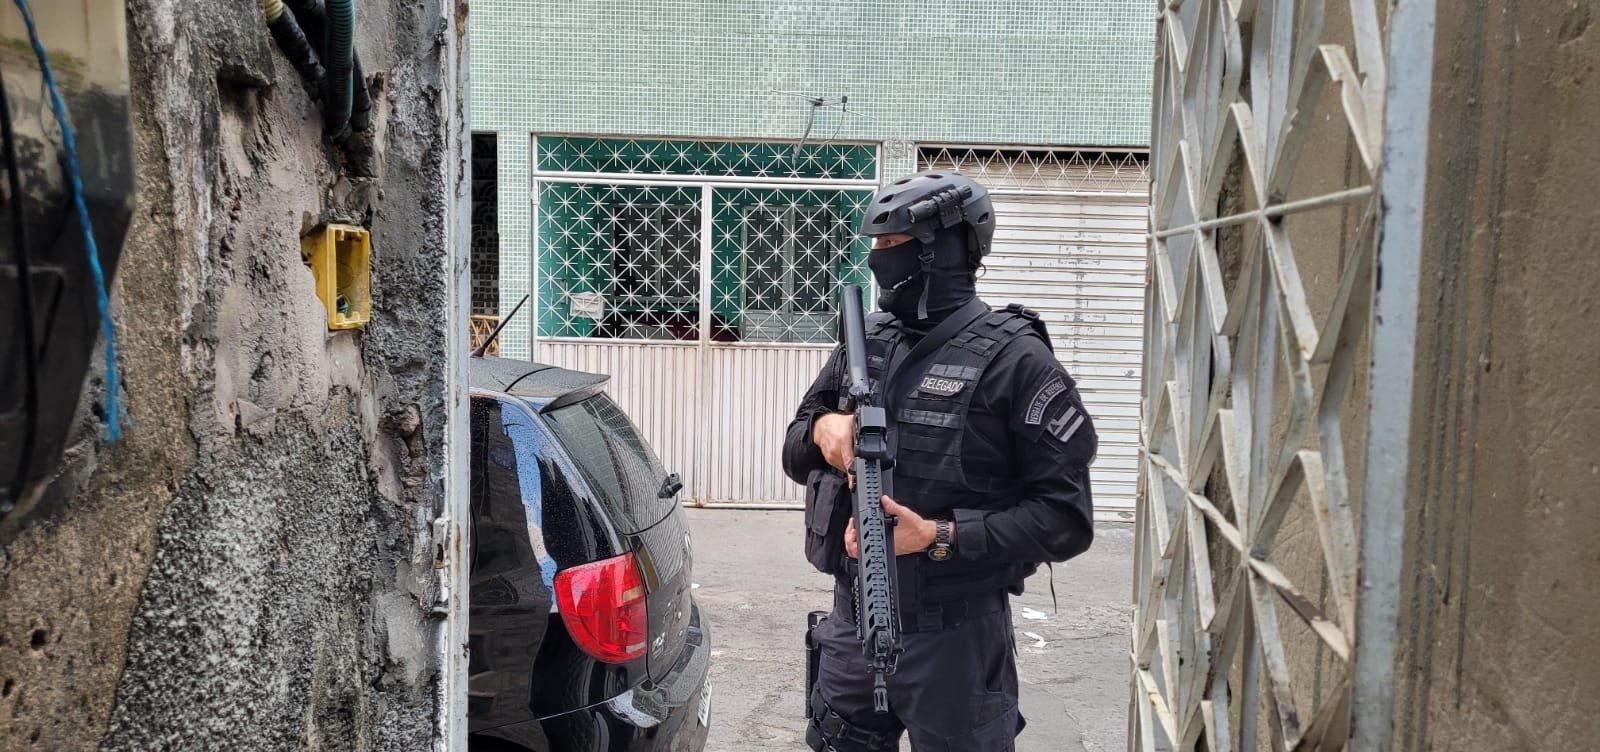 Polícia deflagra Operação Cangalha contra organizações criminosas na Bahia